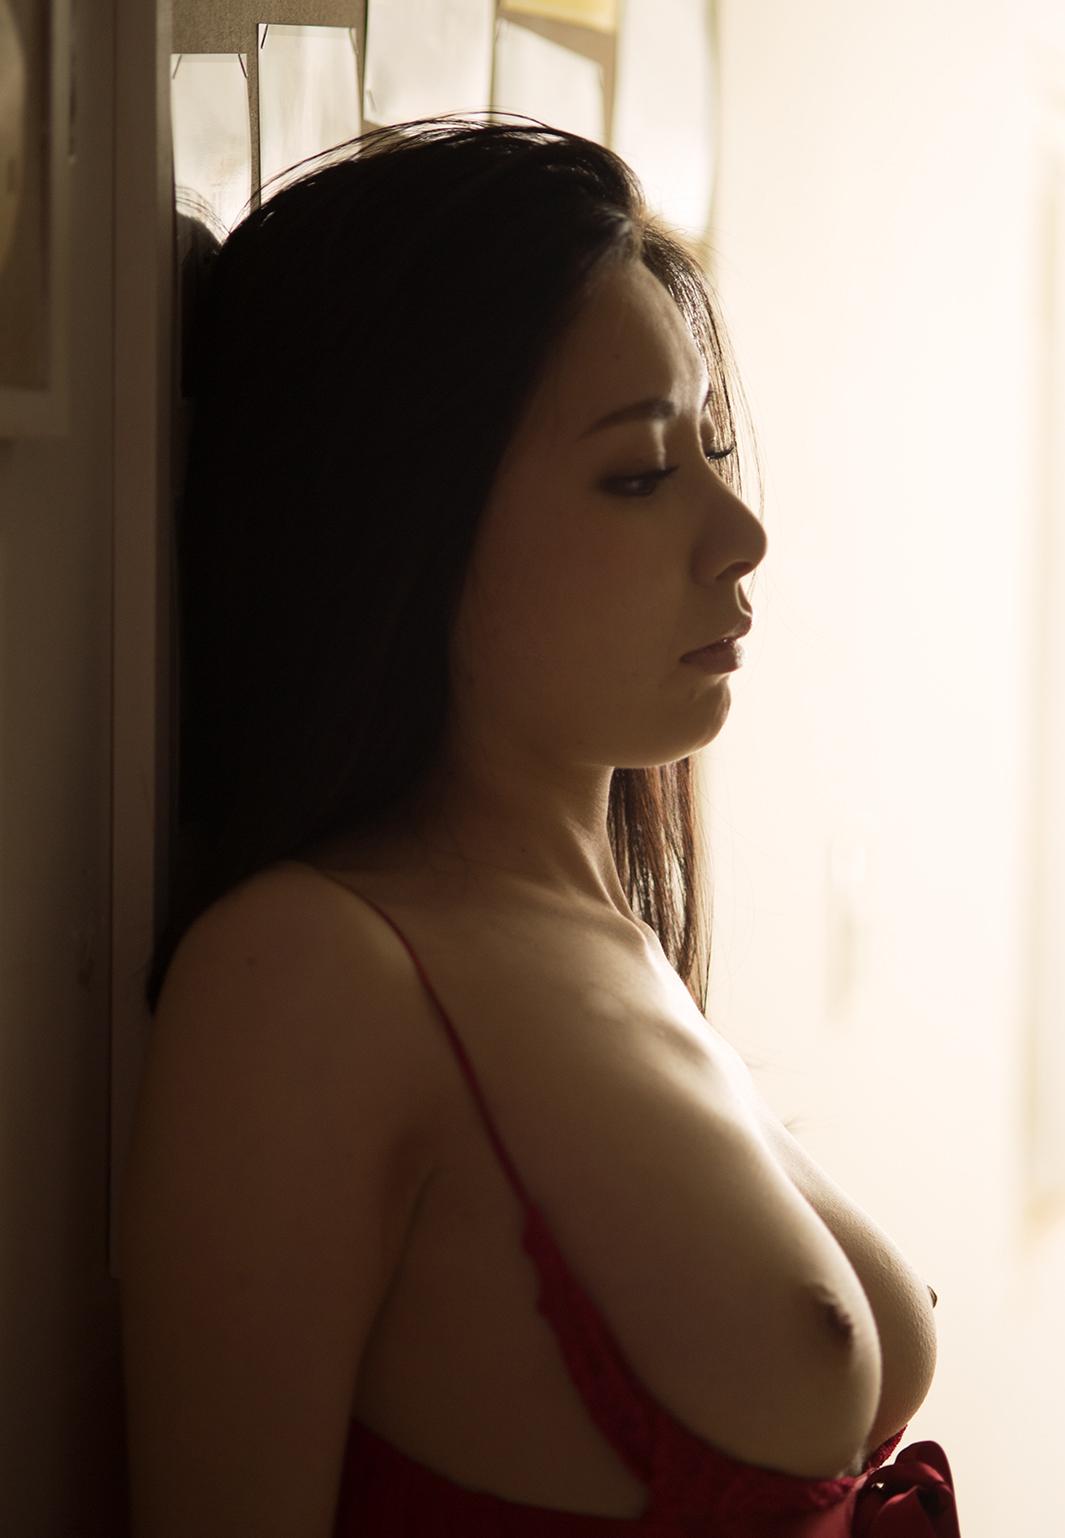 庵野杏 画像 122